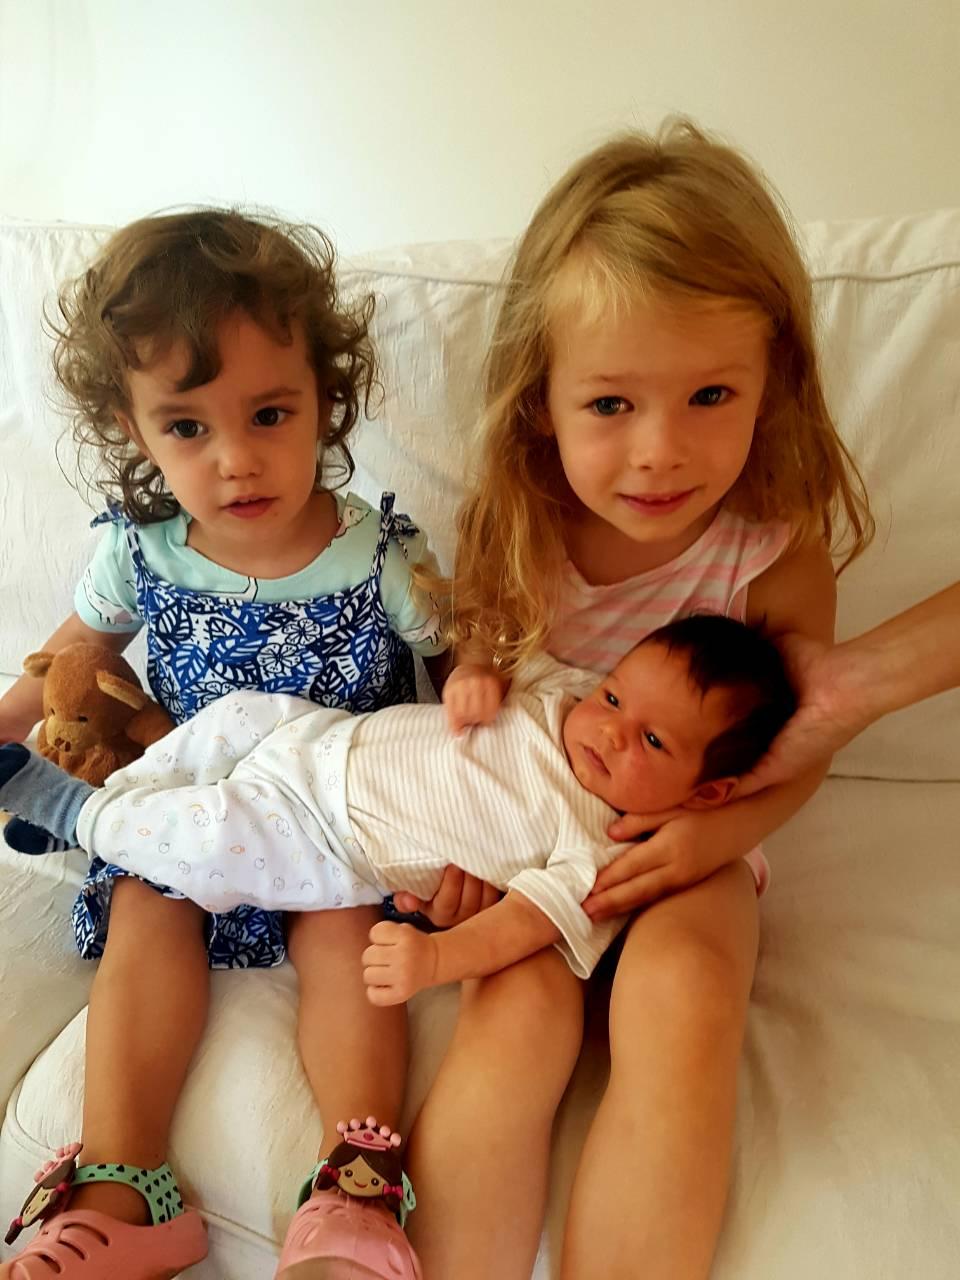 Császármetszés után természetes szülés? Igen! :)